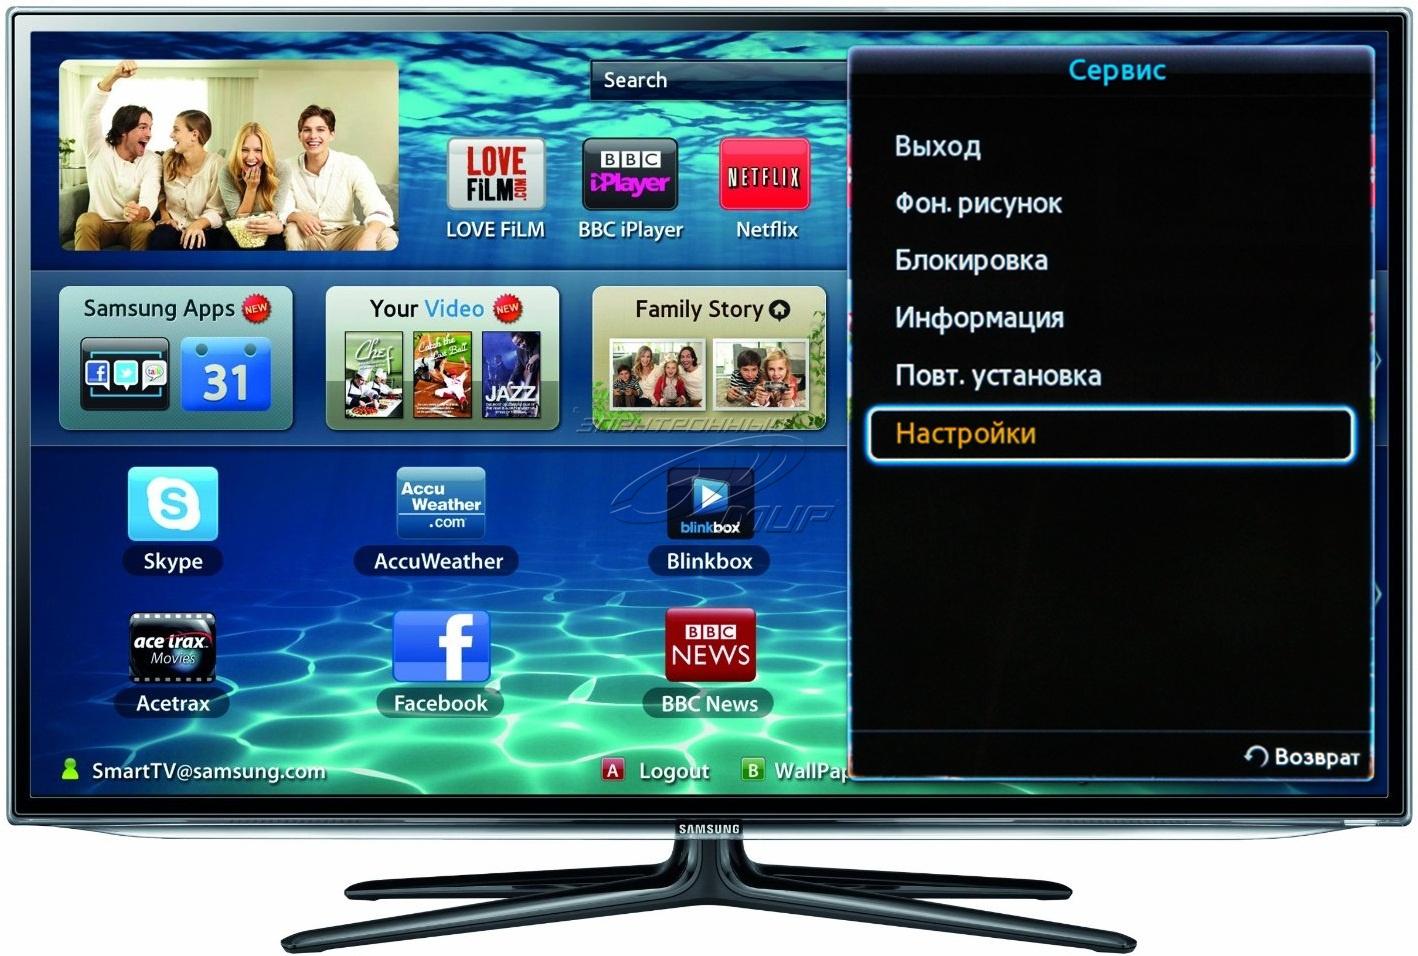 Функция smart tv в телевизоре: есть или нет, как проверить?